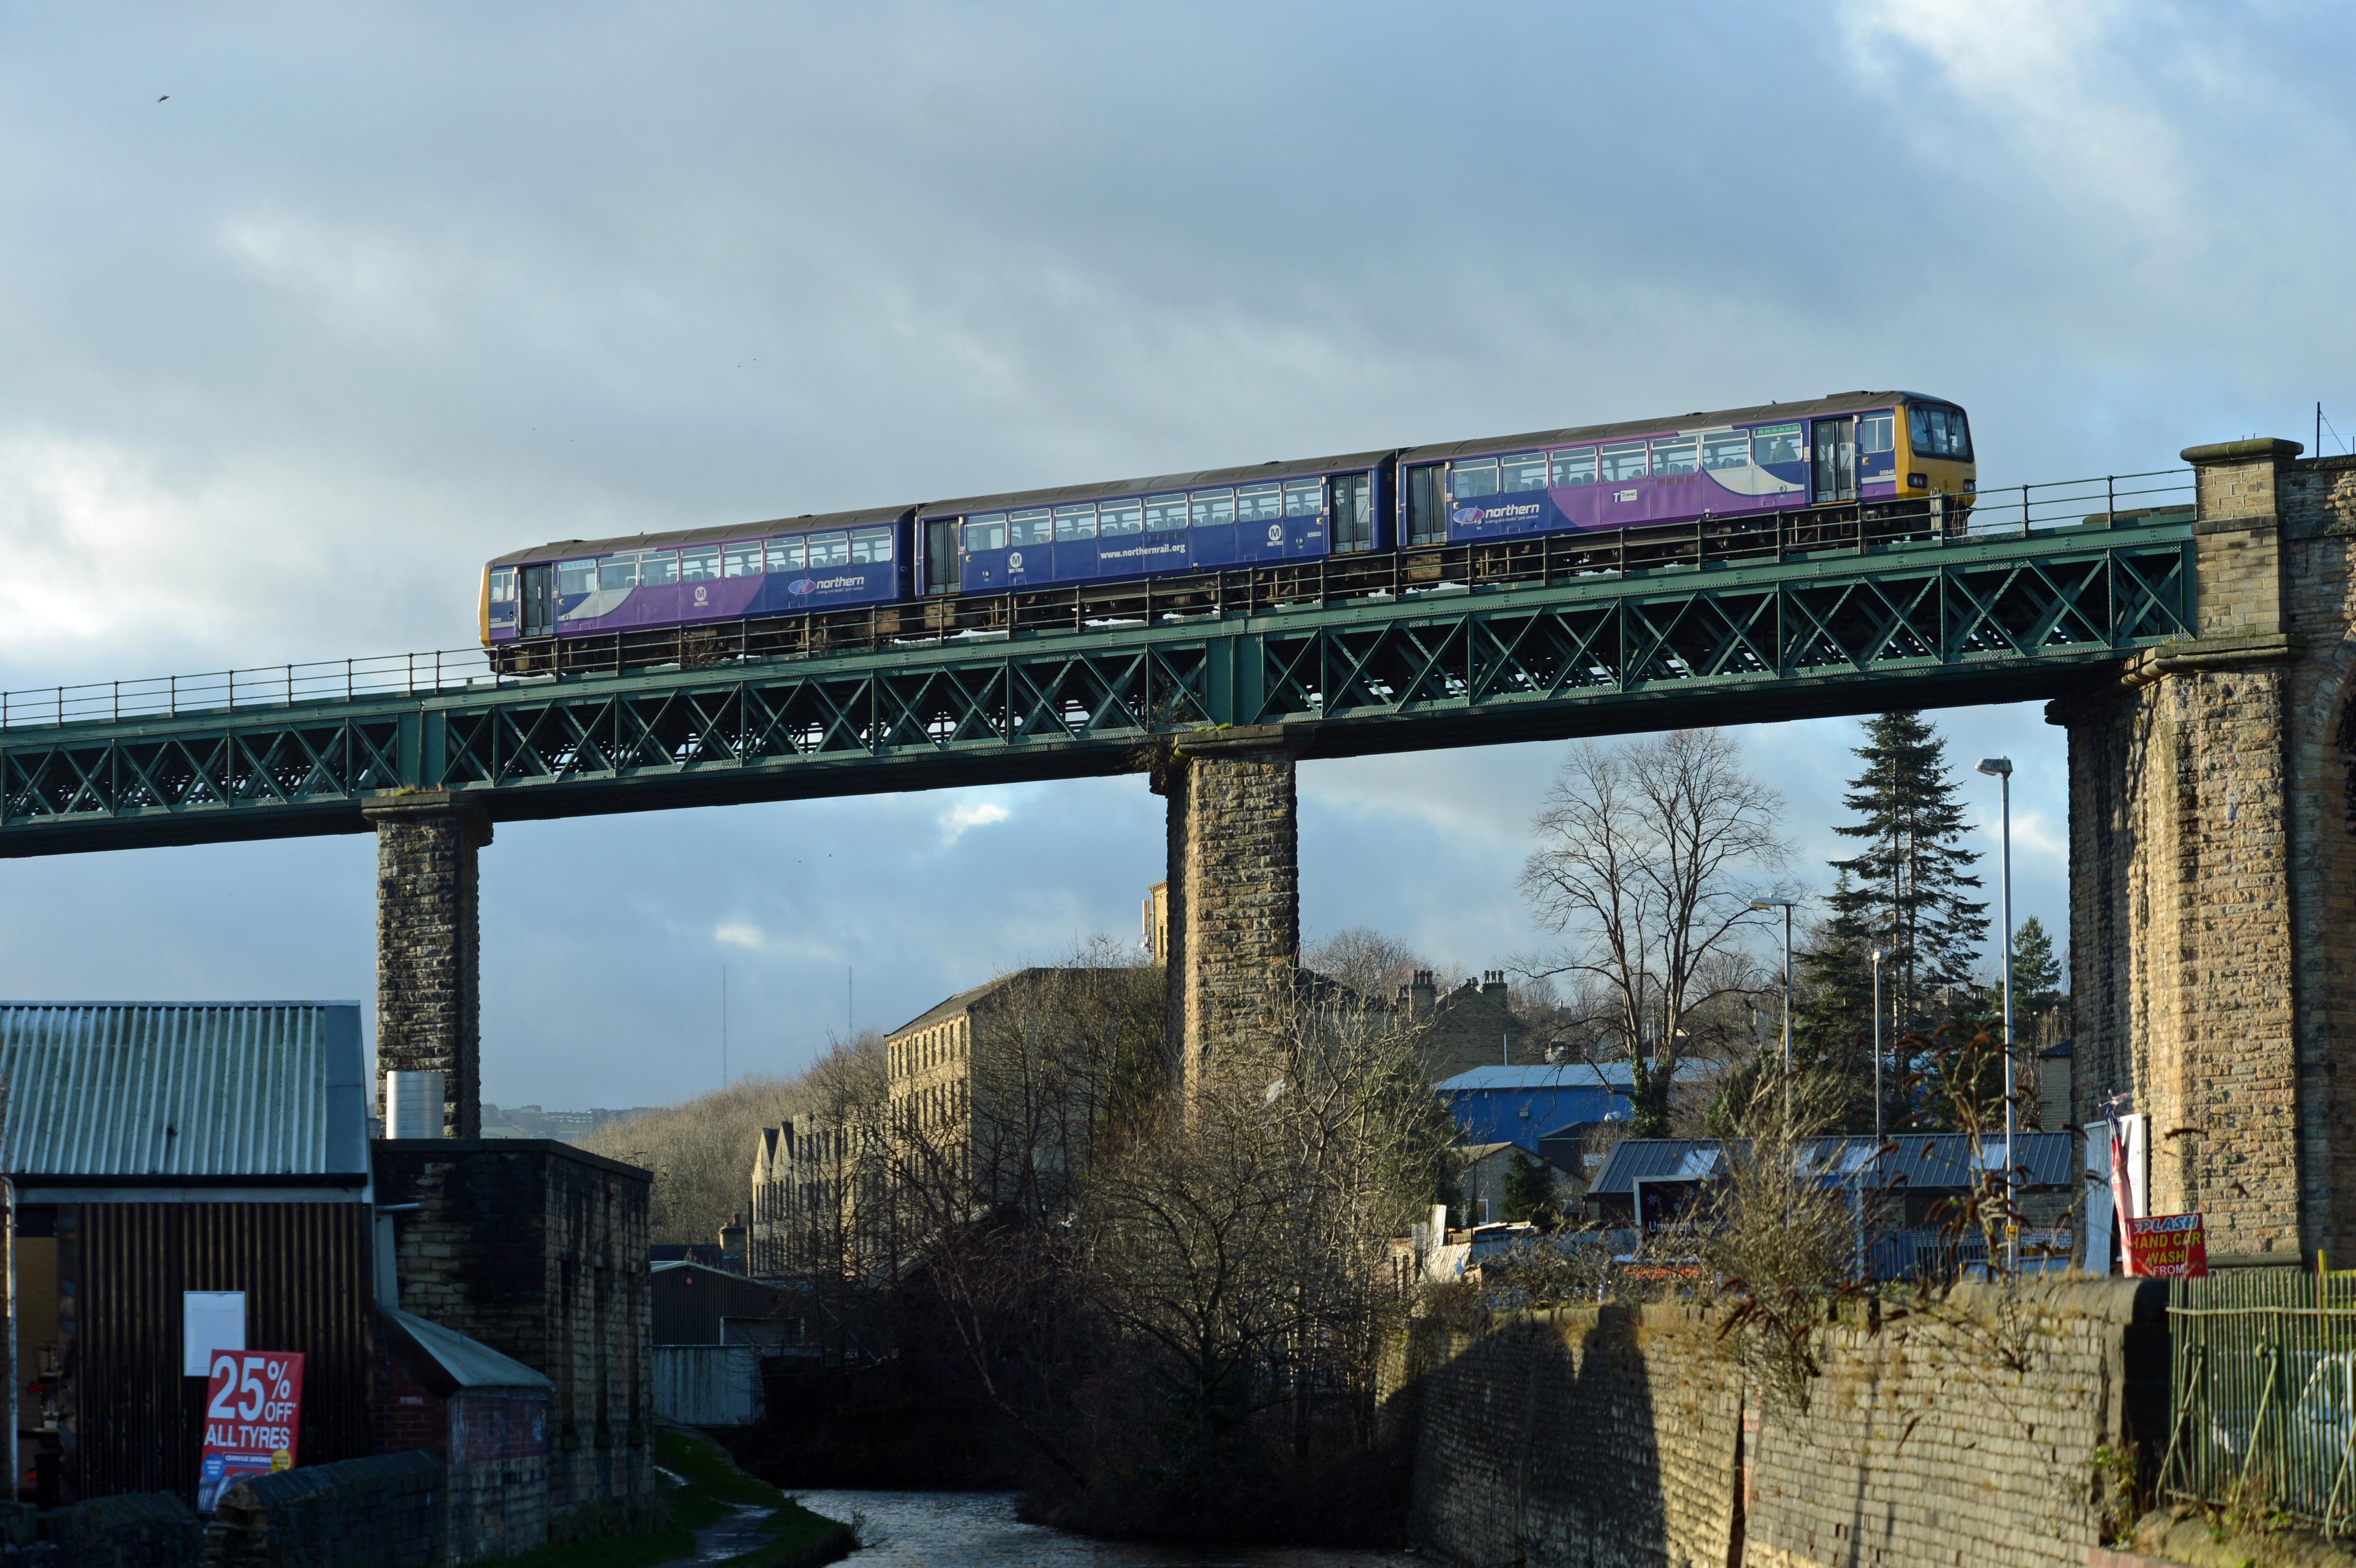 DG204045. 144022. Huddersfield. 6.1.15